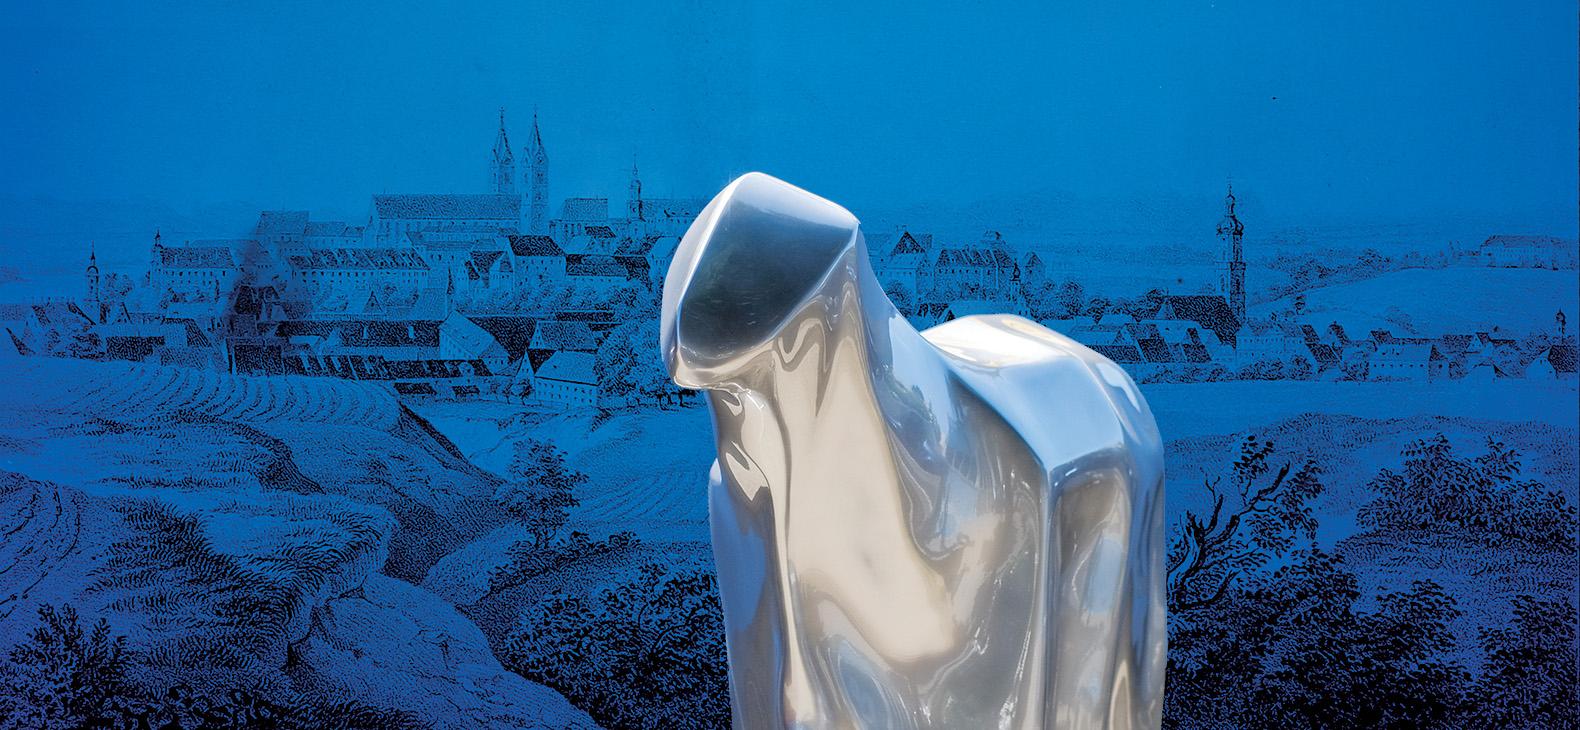 Vordergrund: Csongor Sziget: SpaceSheep, Skulptur 2013/2020  / Hintergrund: Kreidelithographie, Verlag Anton Unthal Freising um 1850/60, Stadtmuseum / Sammlung des Historischen Vereins, Inv.Nr. 4269